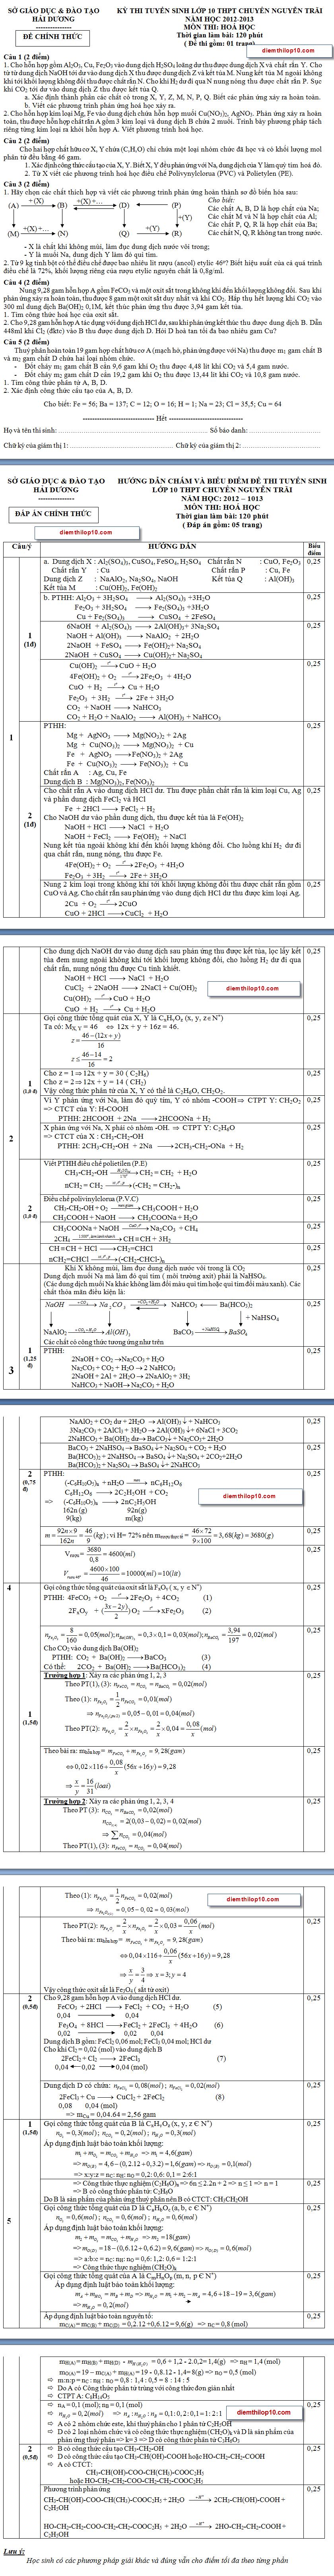 Điểm thi lớp 10 năm 2012 ef6275482a12c8117761c16cda7621b7 46552288.chuyenhoa Đáp án đề thi chuyên hóa vào lớp 10 chuyên Nguyễn Trãi Hải Dương năm 2012